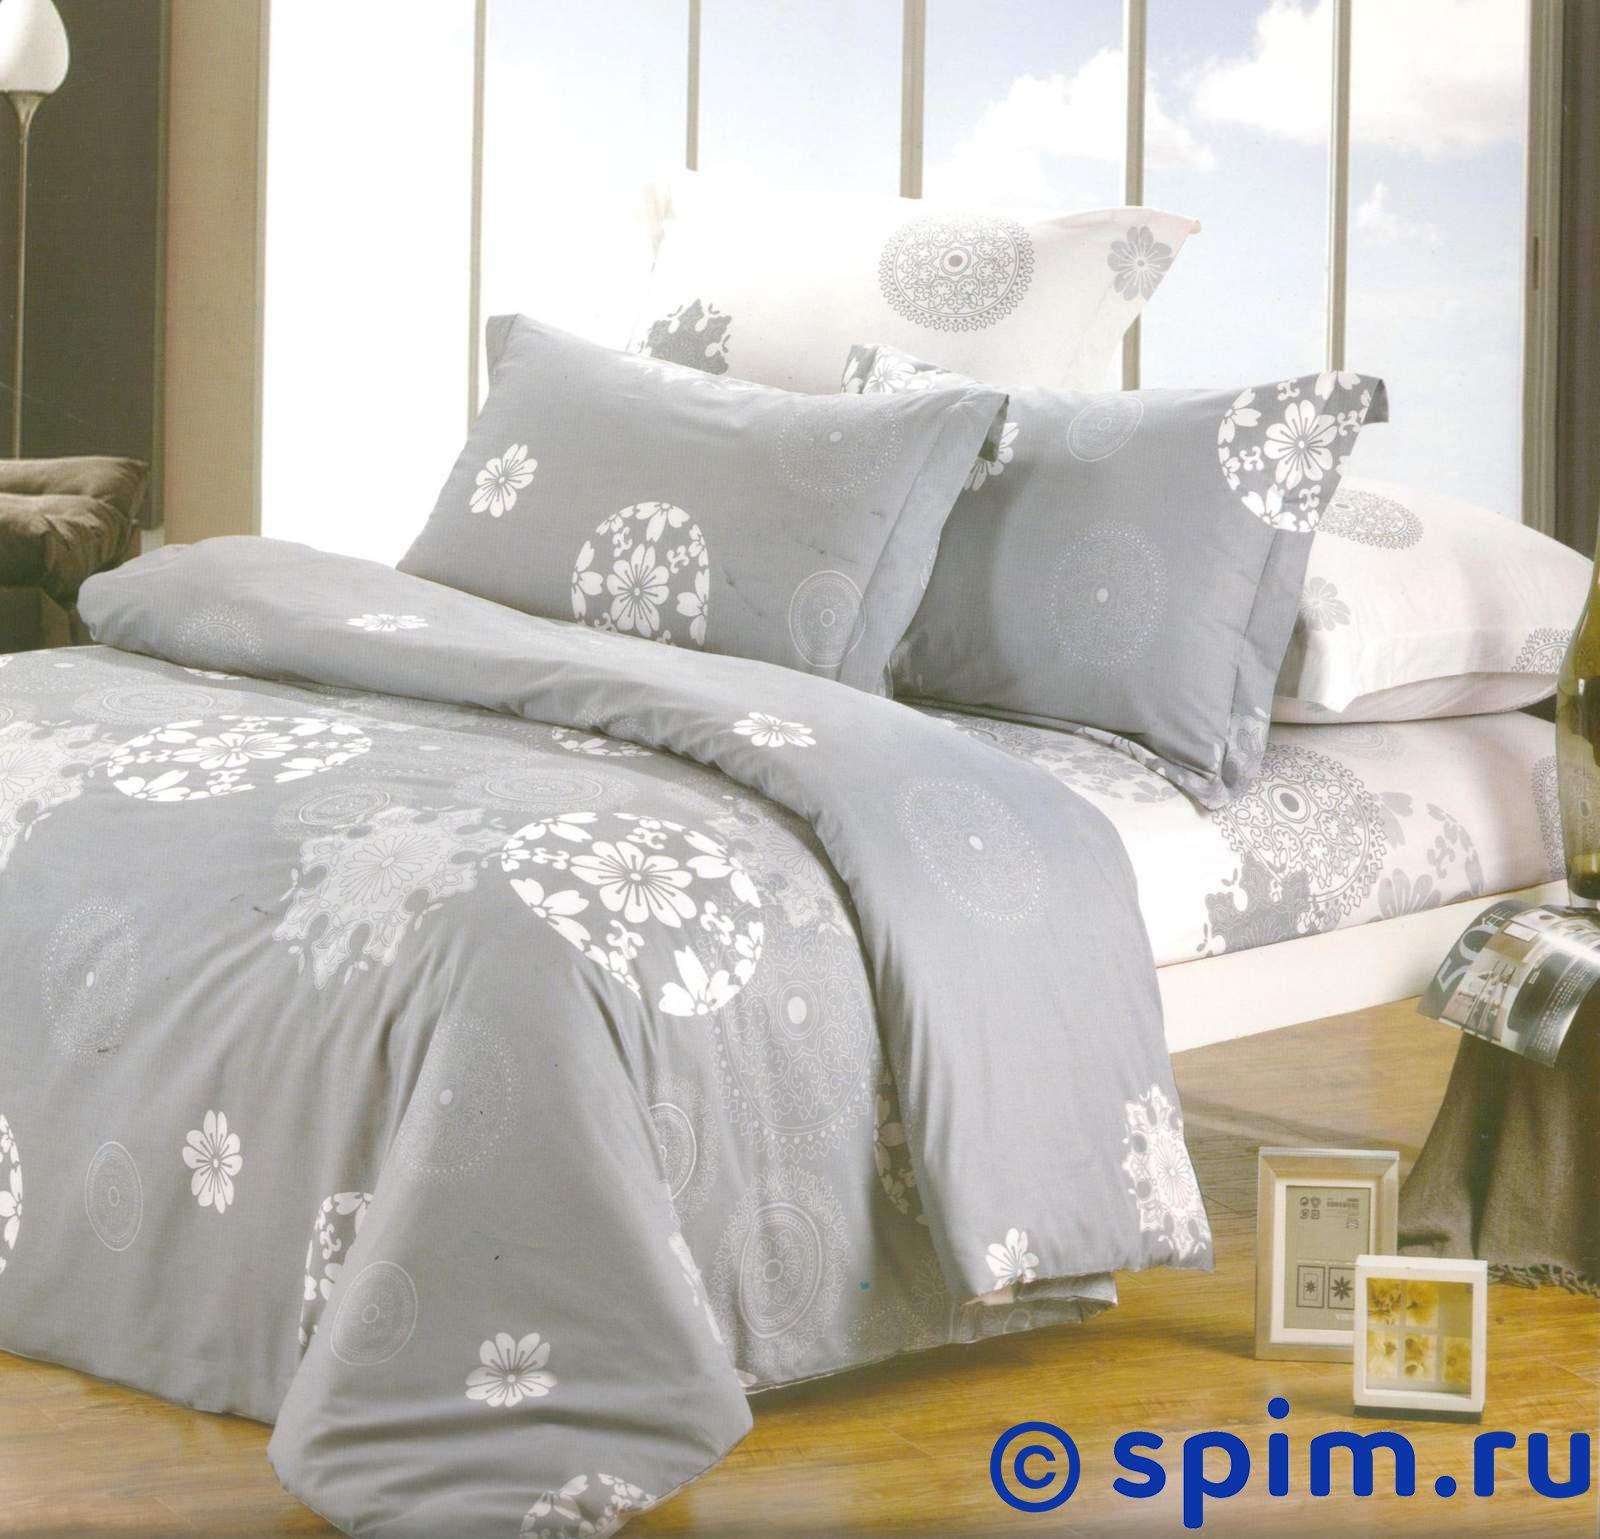 Комплект СайлиД В100 1.5 спальное